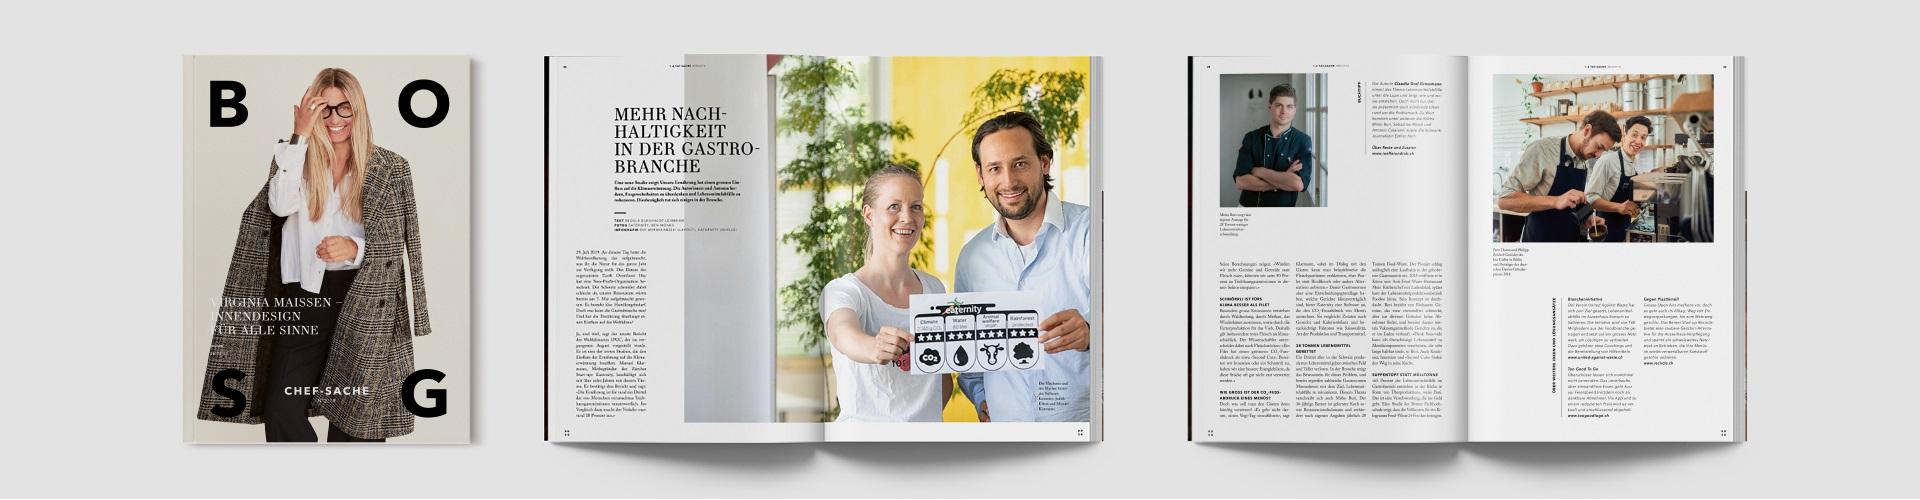 chef-sache-header-magazin-2-ausgabe-oktober